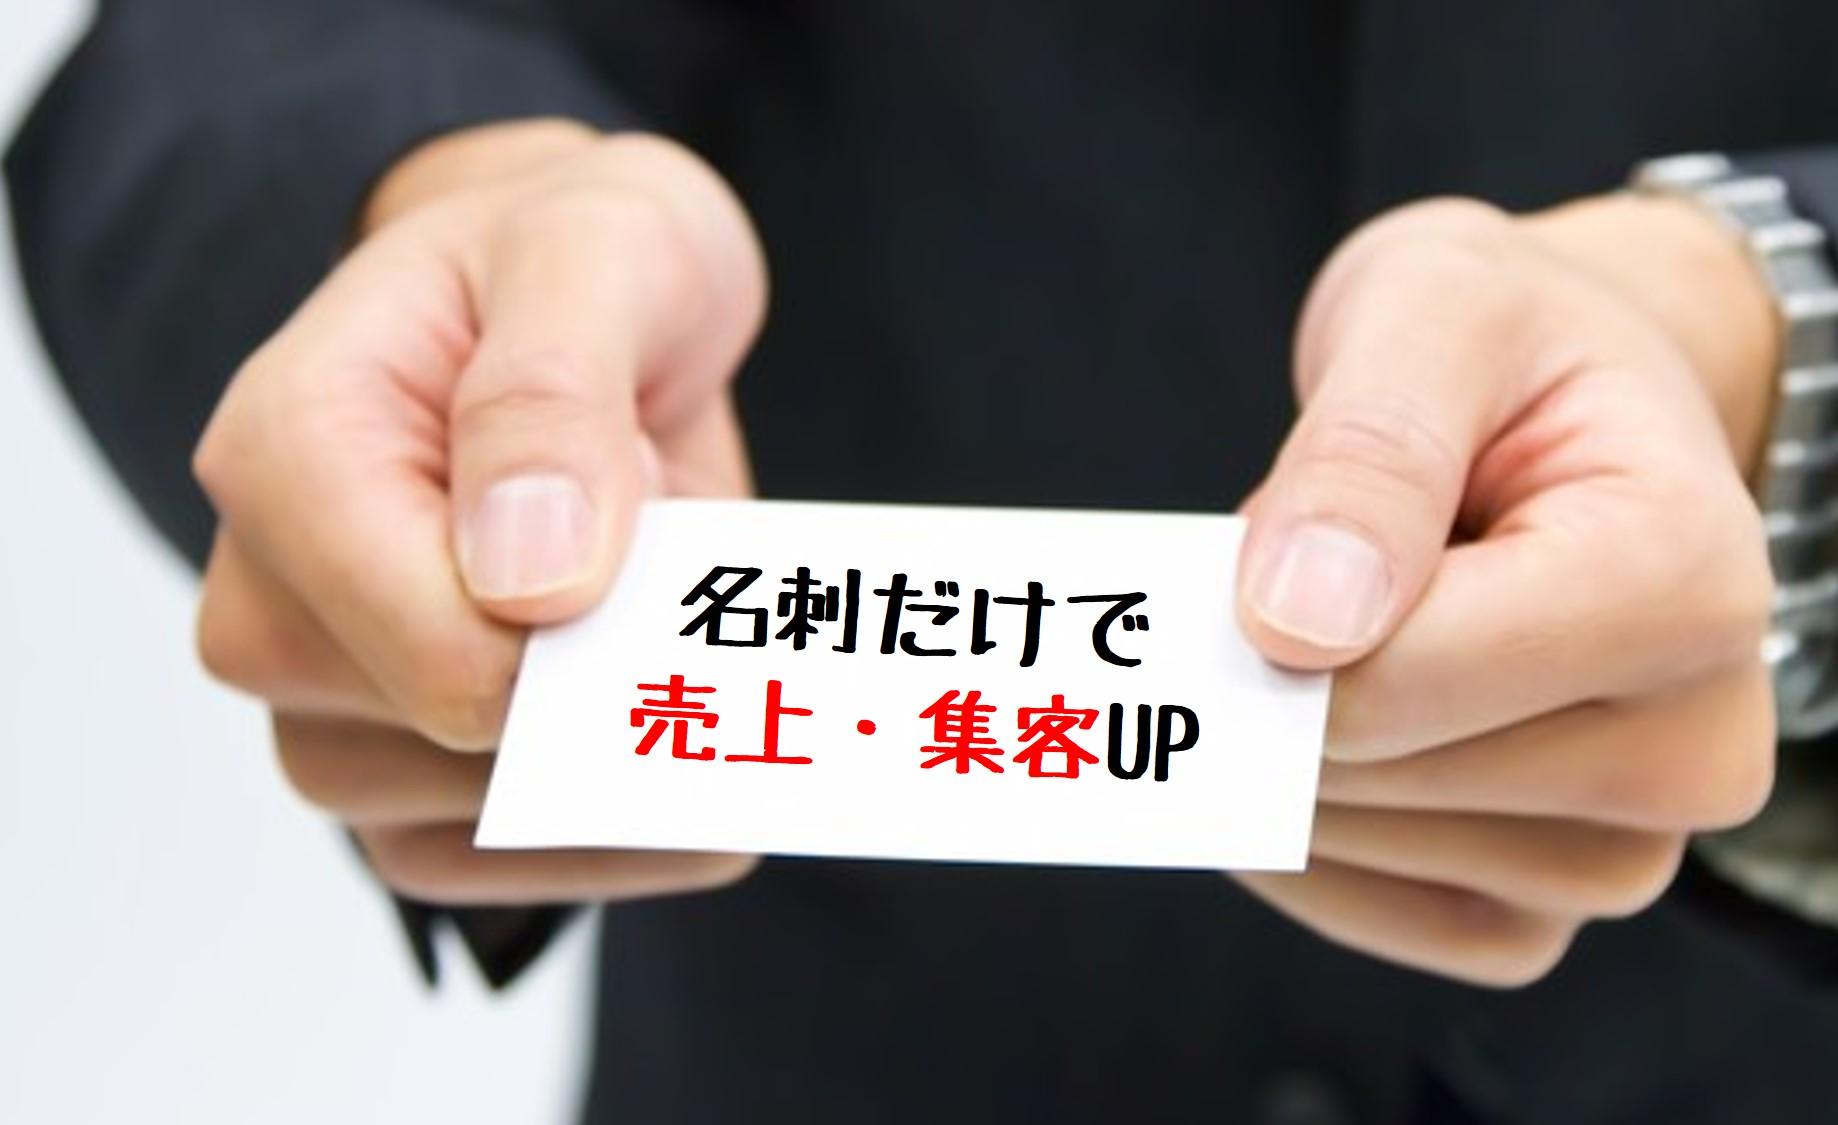 売上・集客に結びつく「名刺」の作り方とポイント